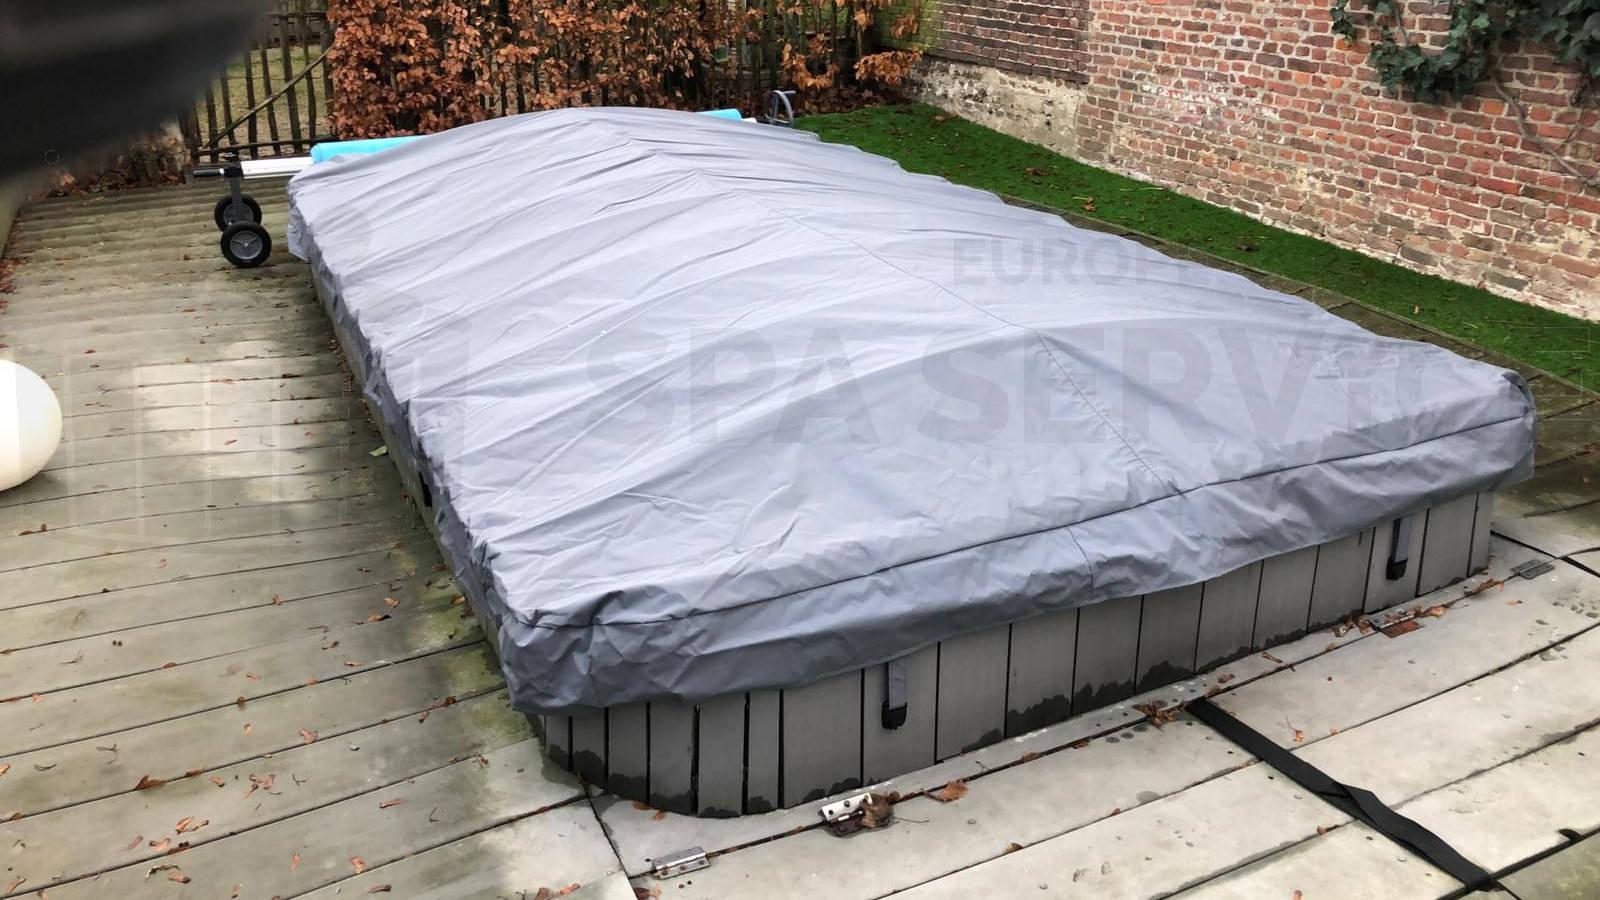 Plaatsing van een roll cover op een zwemspa in Antwerpen België